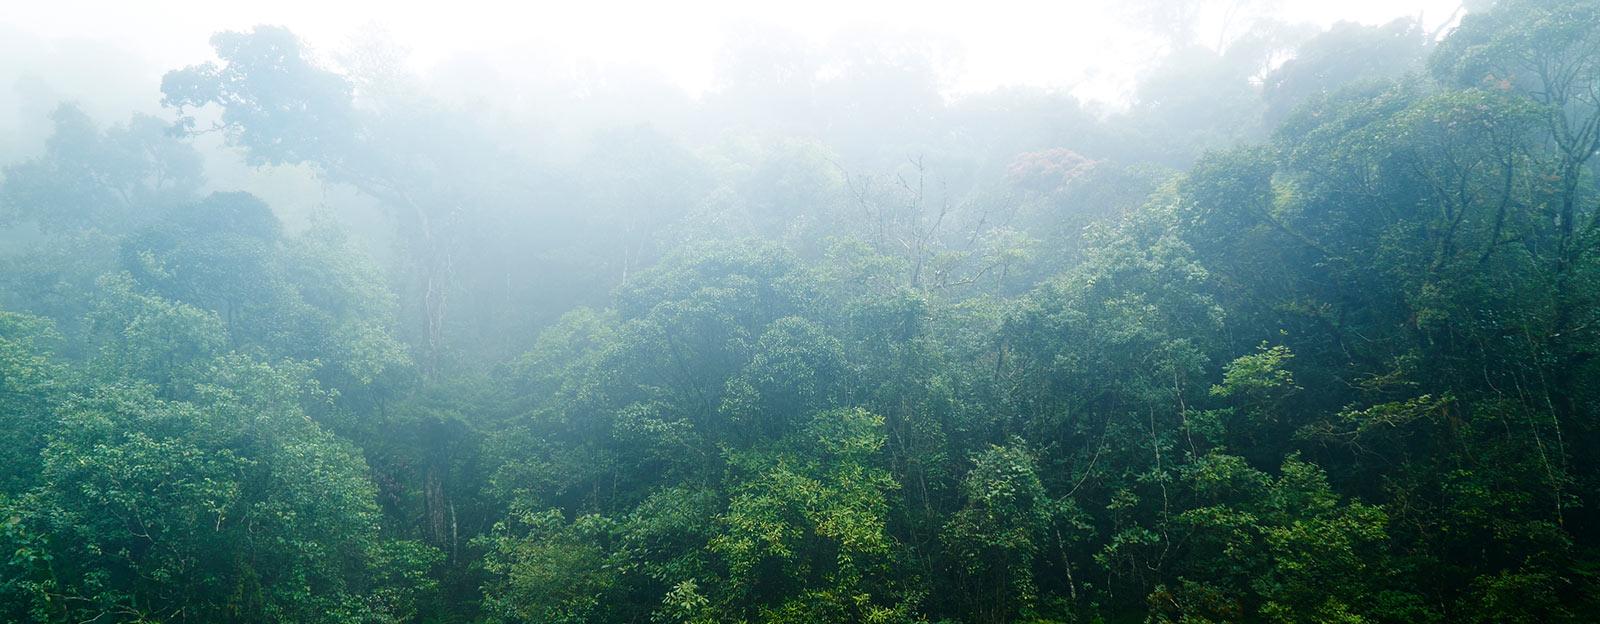 Bocoa in its natural habitat